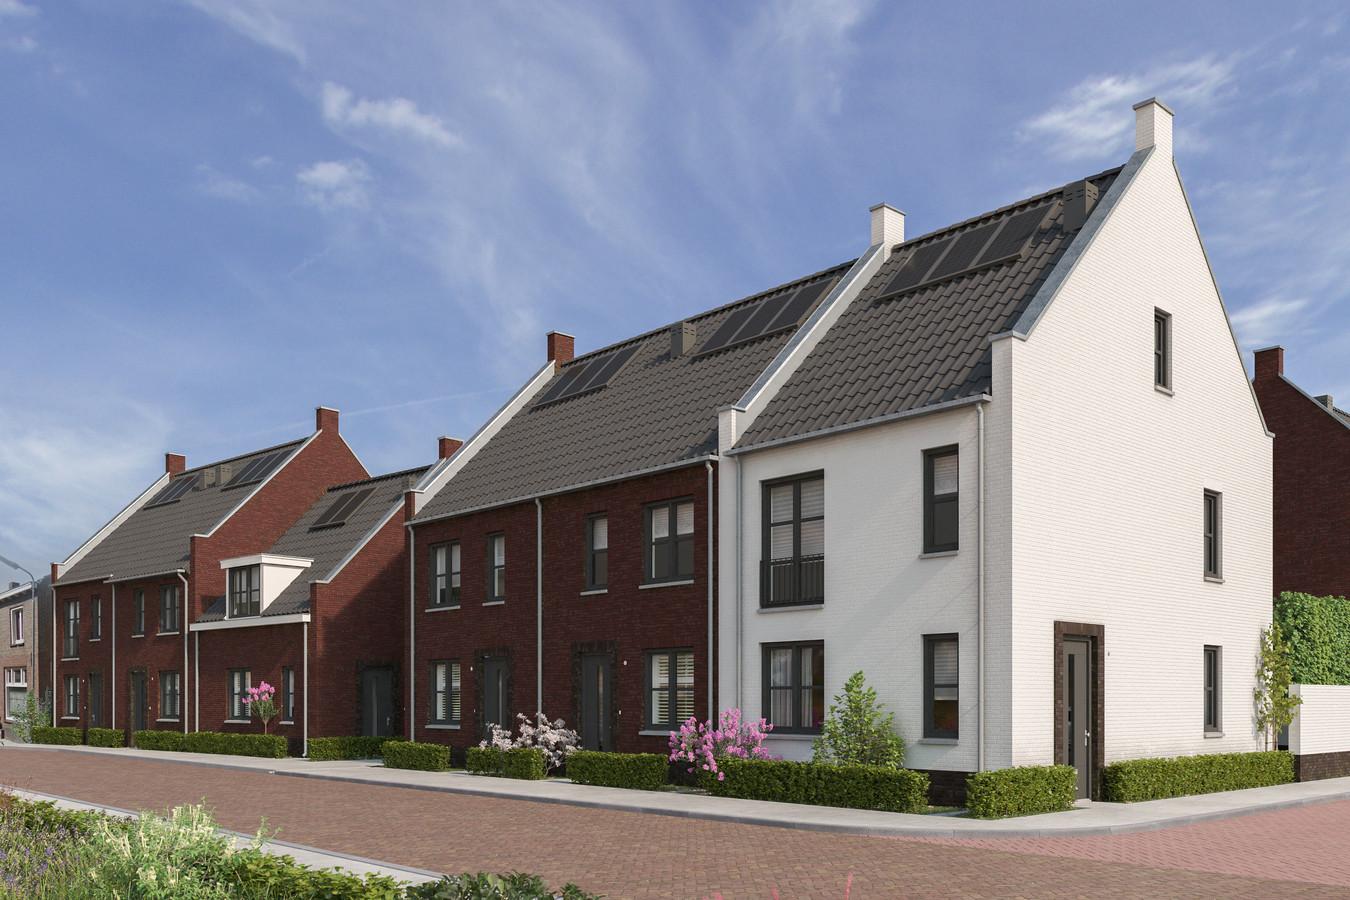 Een impressie van de nieuwe woonwijk Moers Midden II in Moergestel.